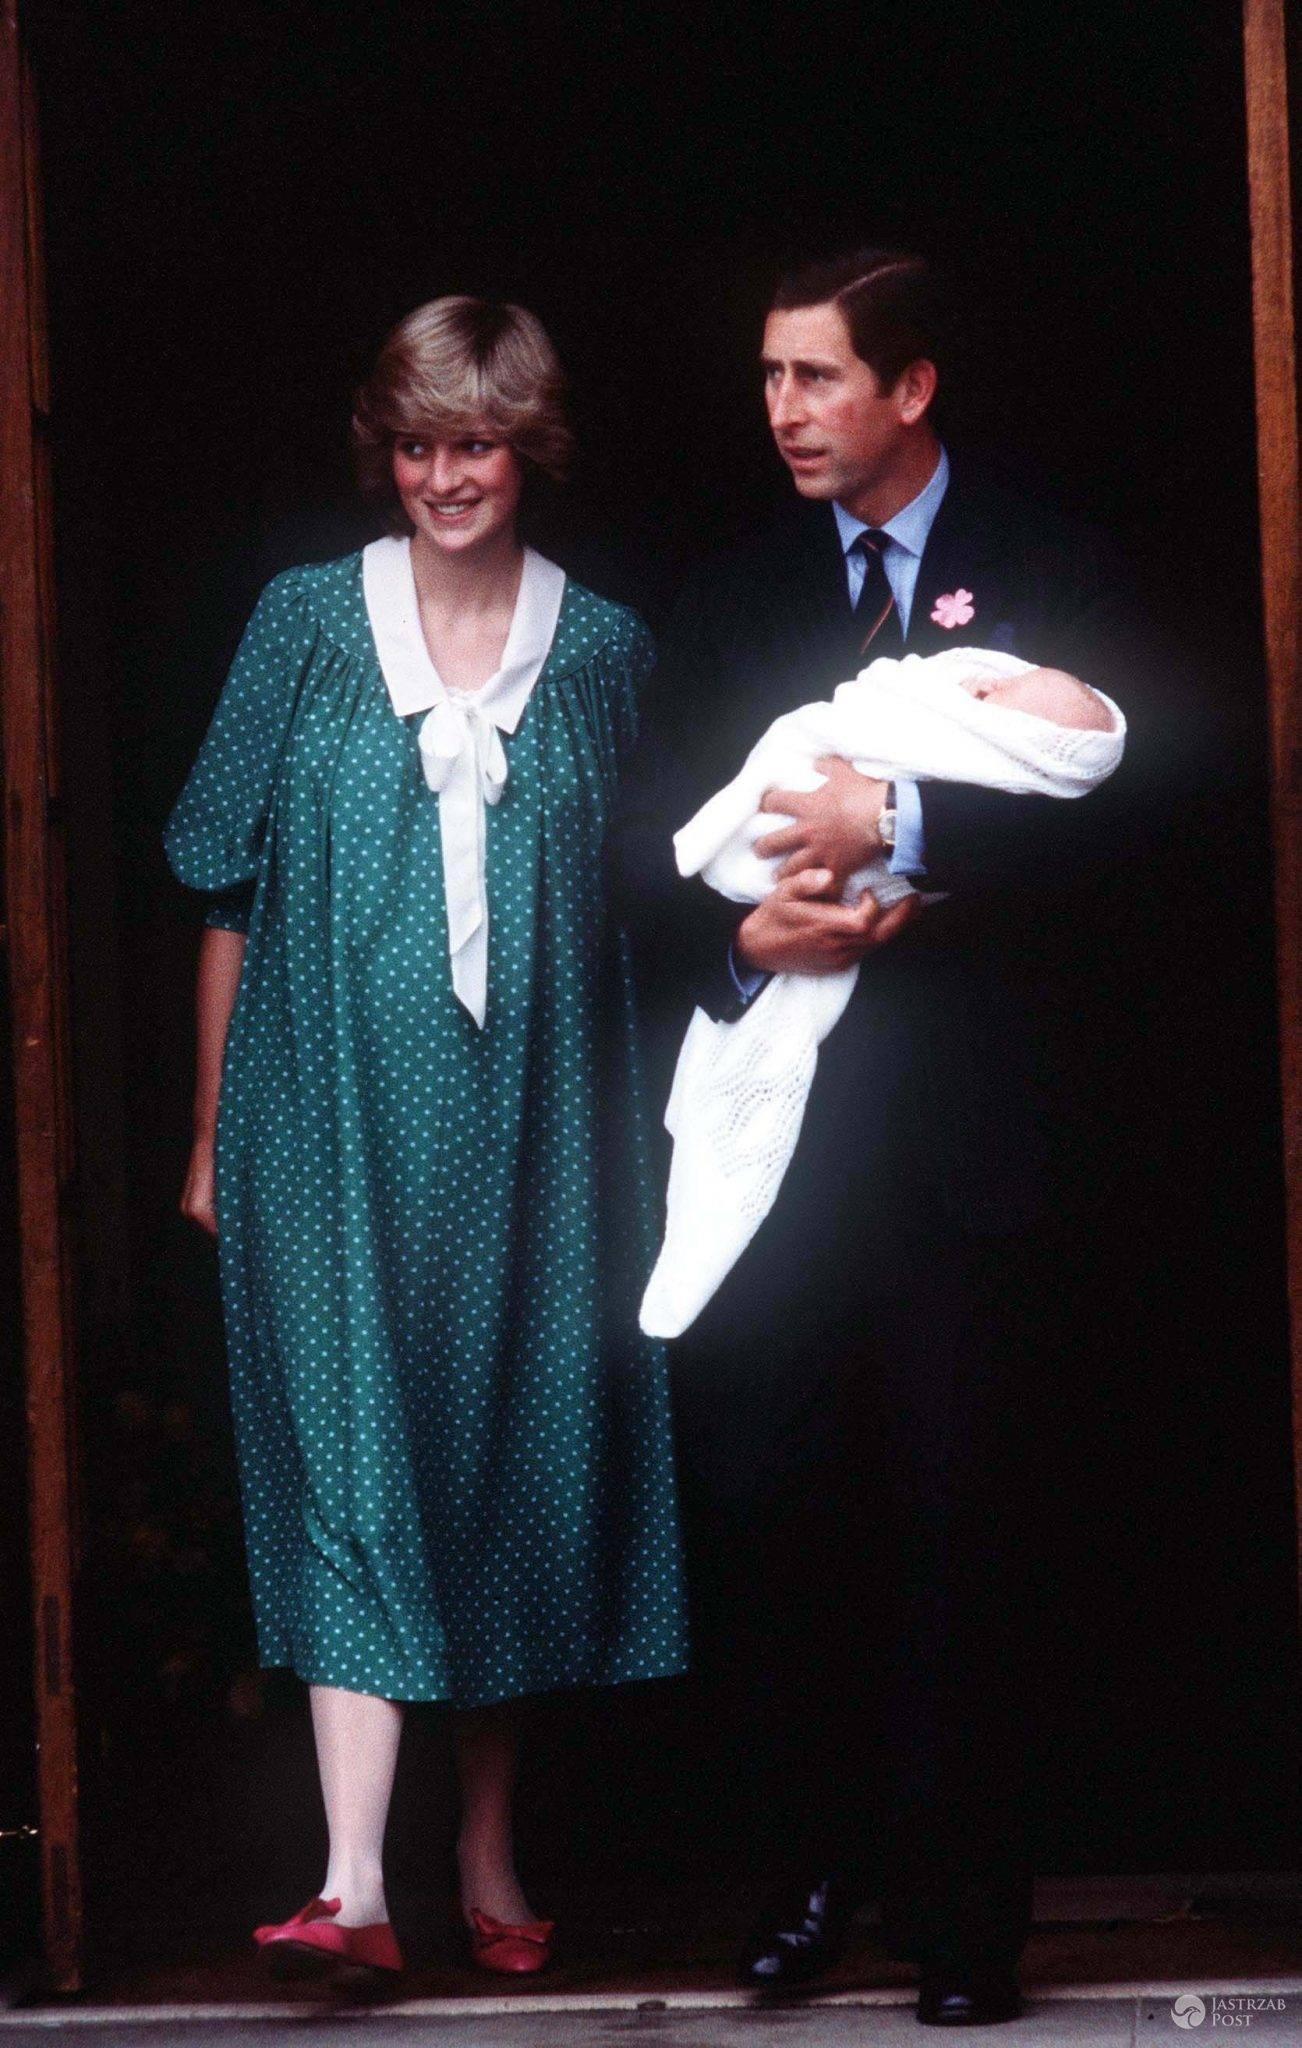 Książę Karol i księżna Diana z księciem Williamem w 1982 roku (fot. ONS)